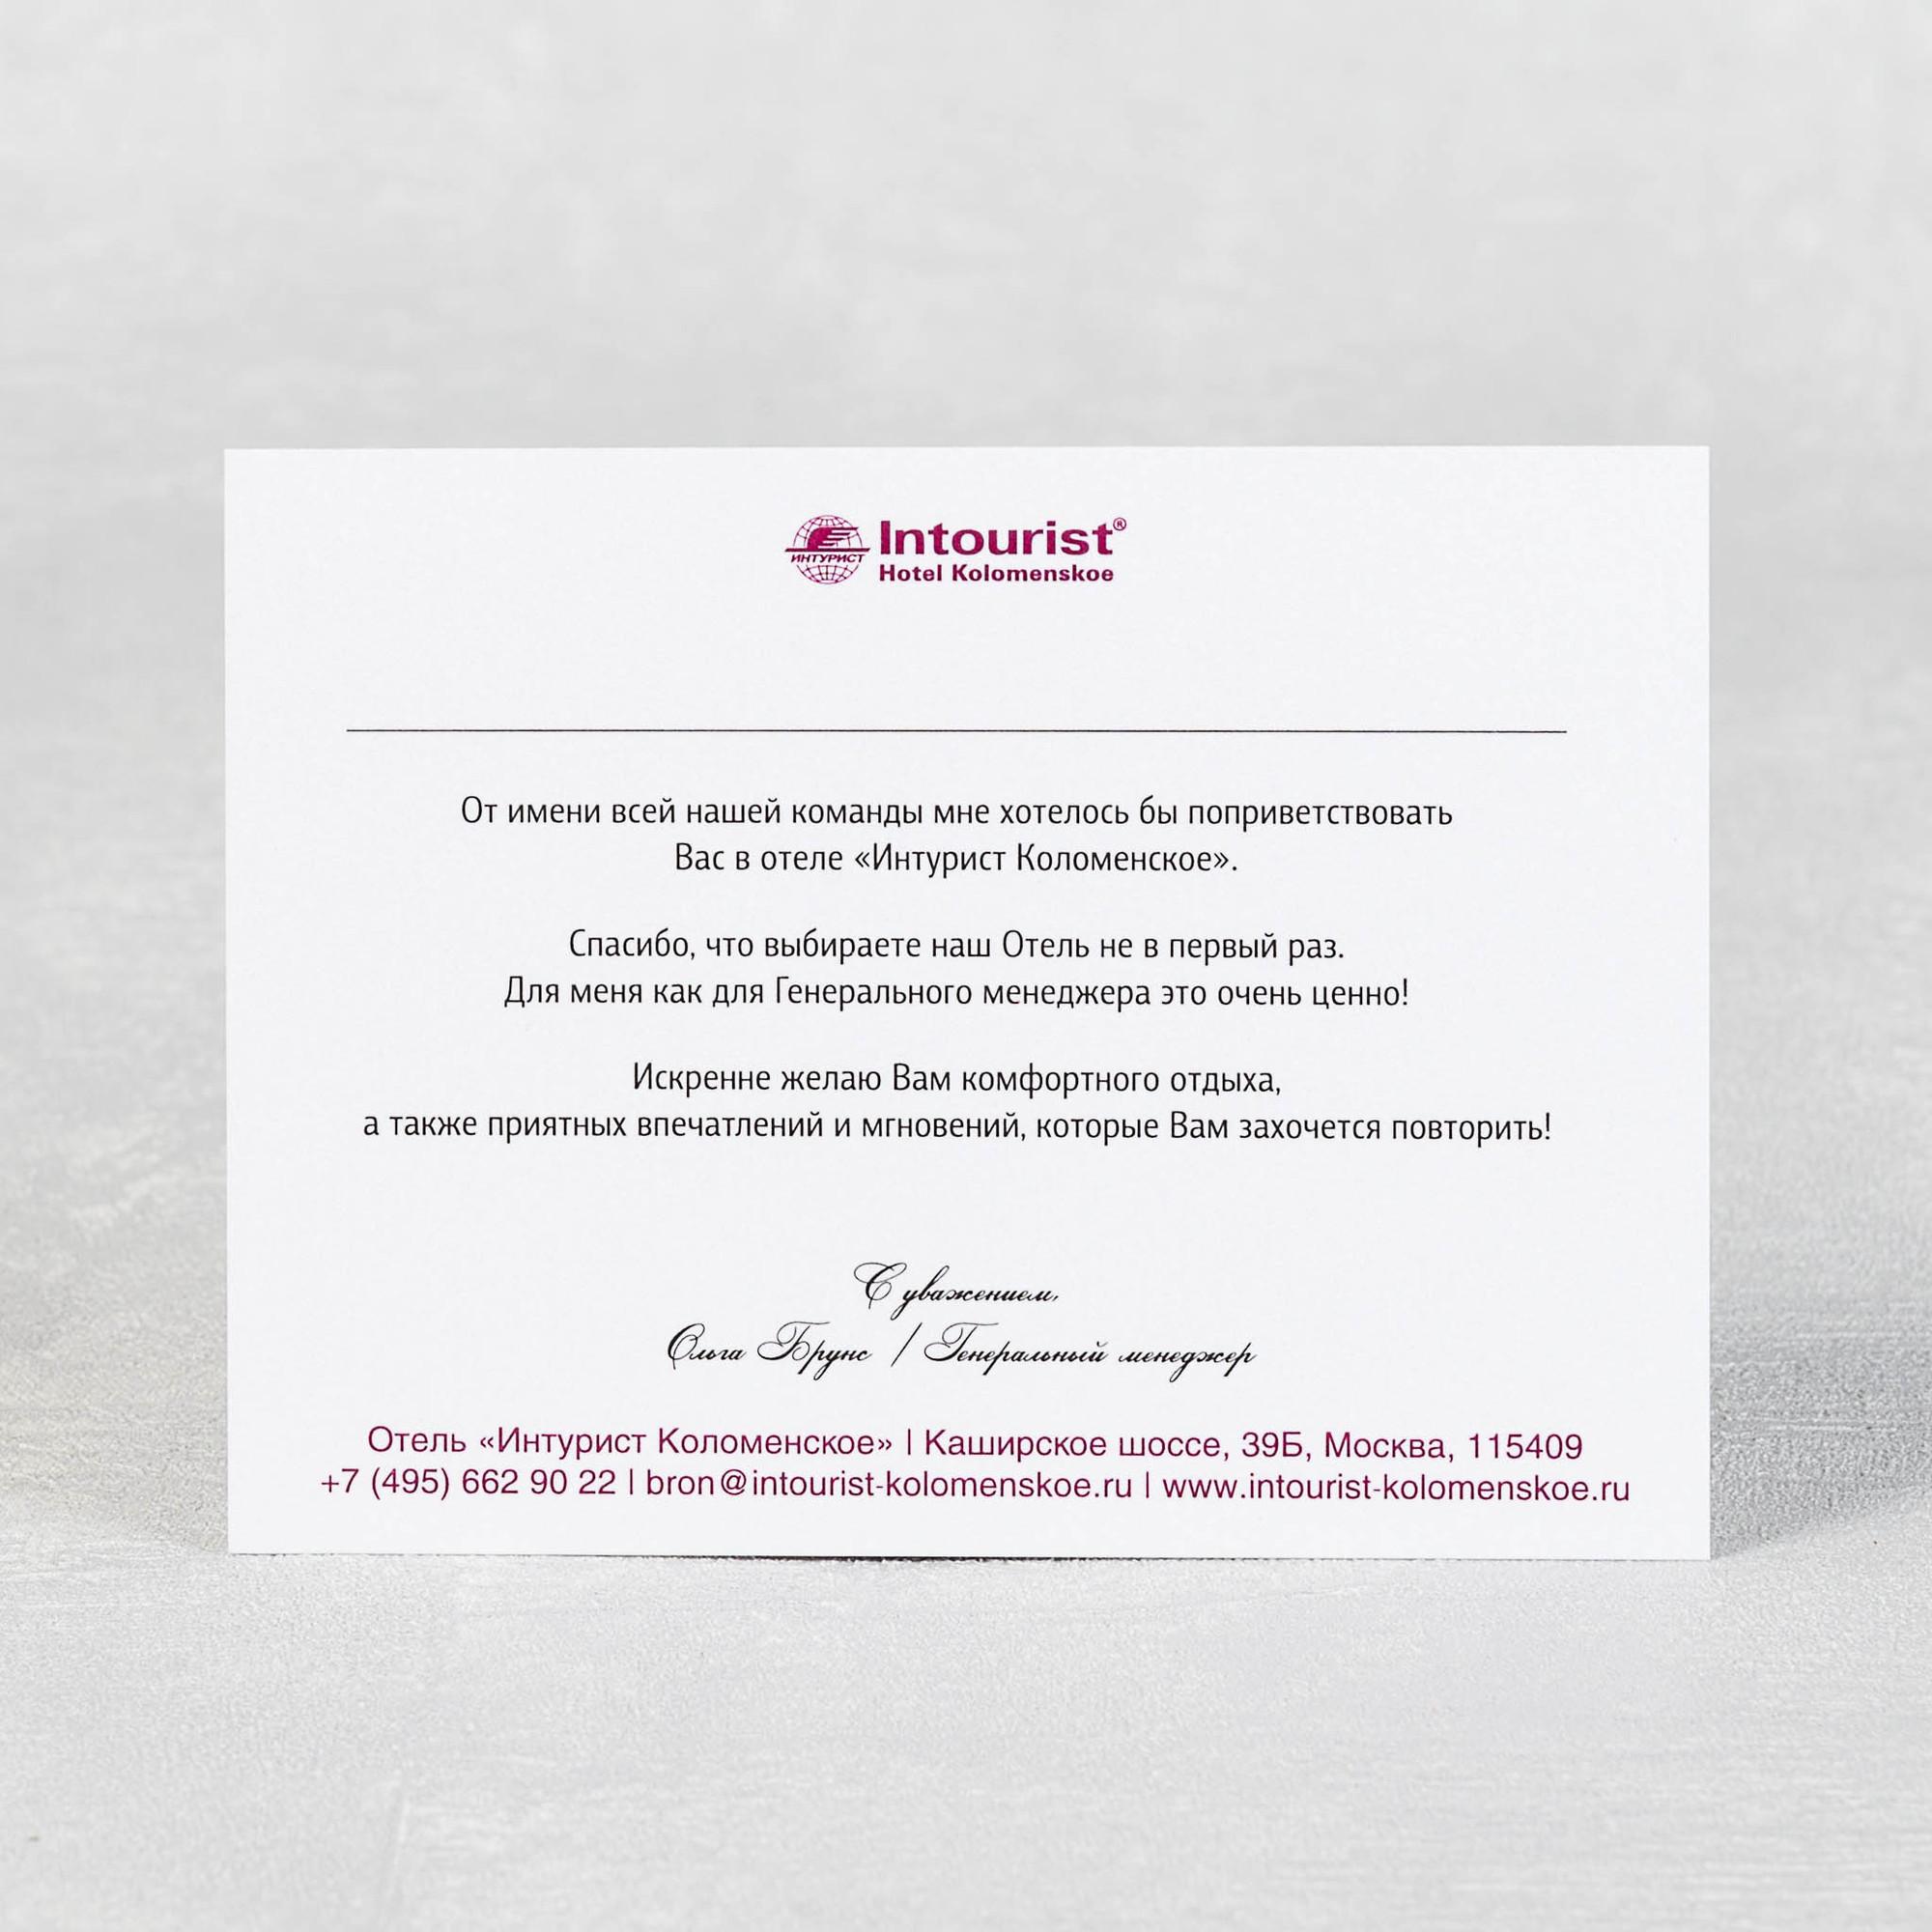 Карточка гостя для гостиницы Inturist